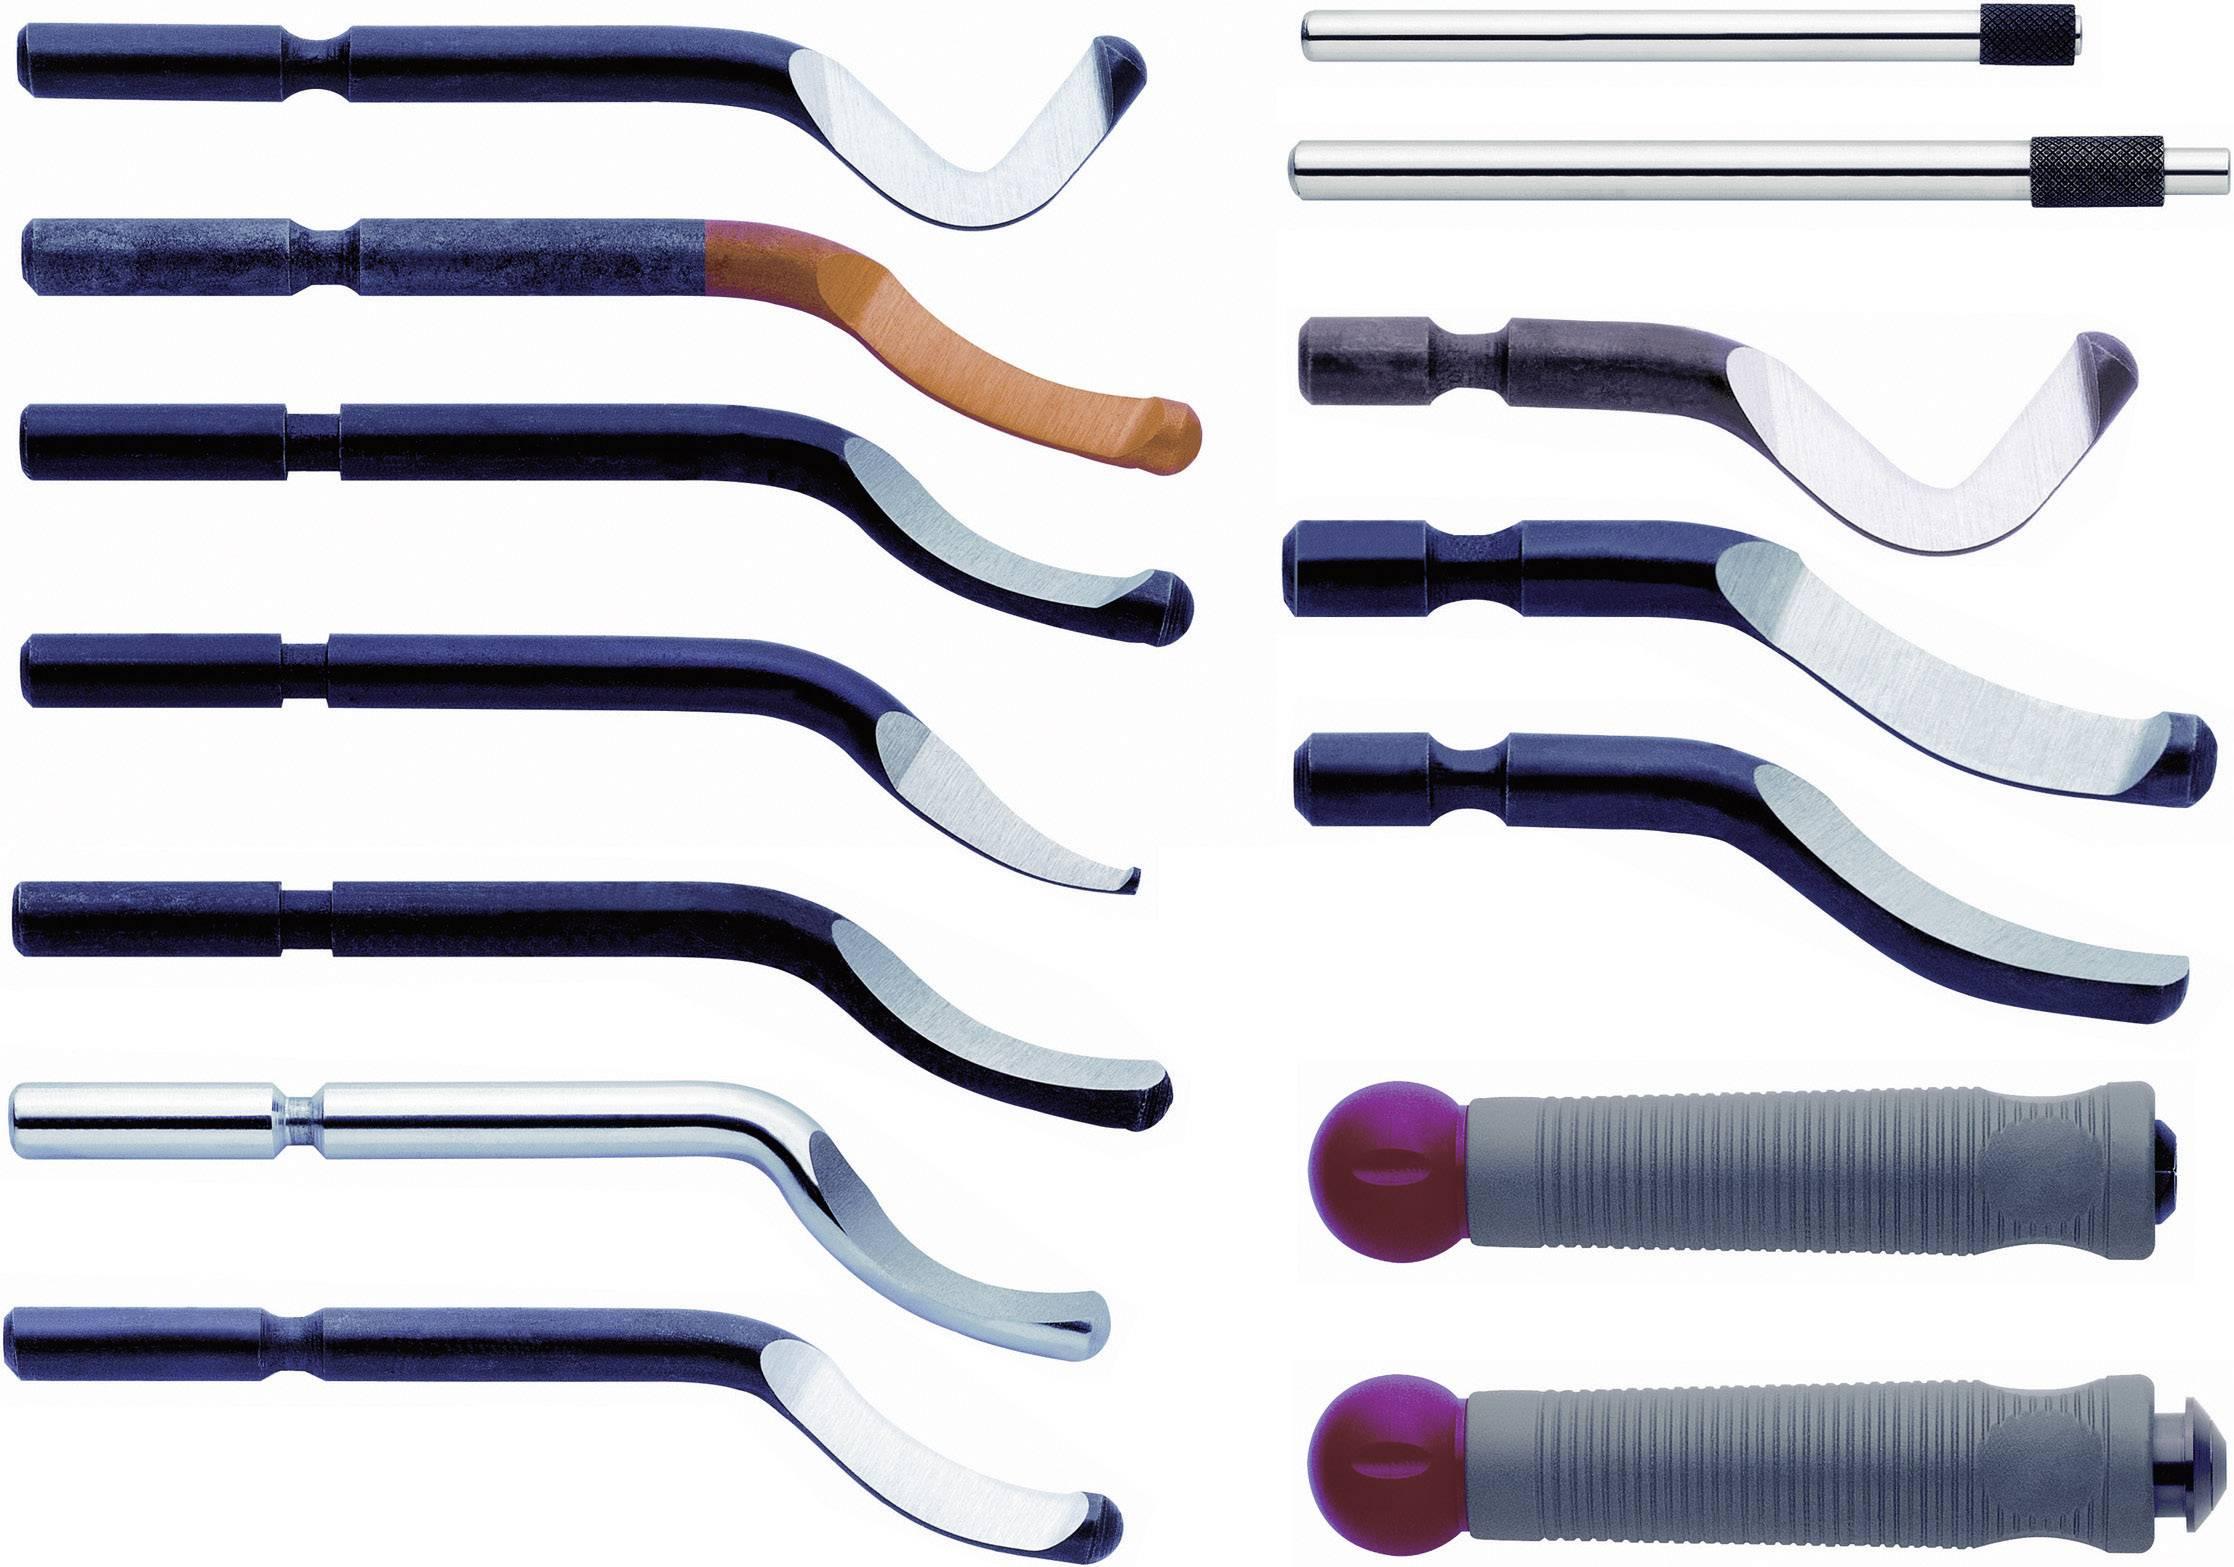 Sada začišťovacích nožů Exact 60095